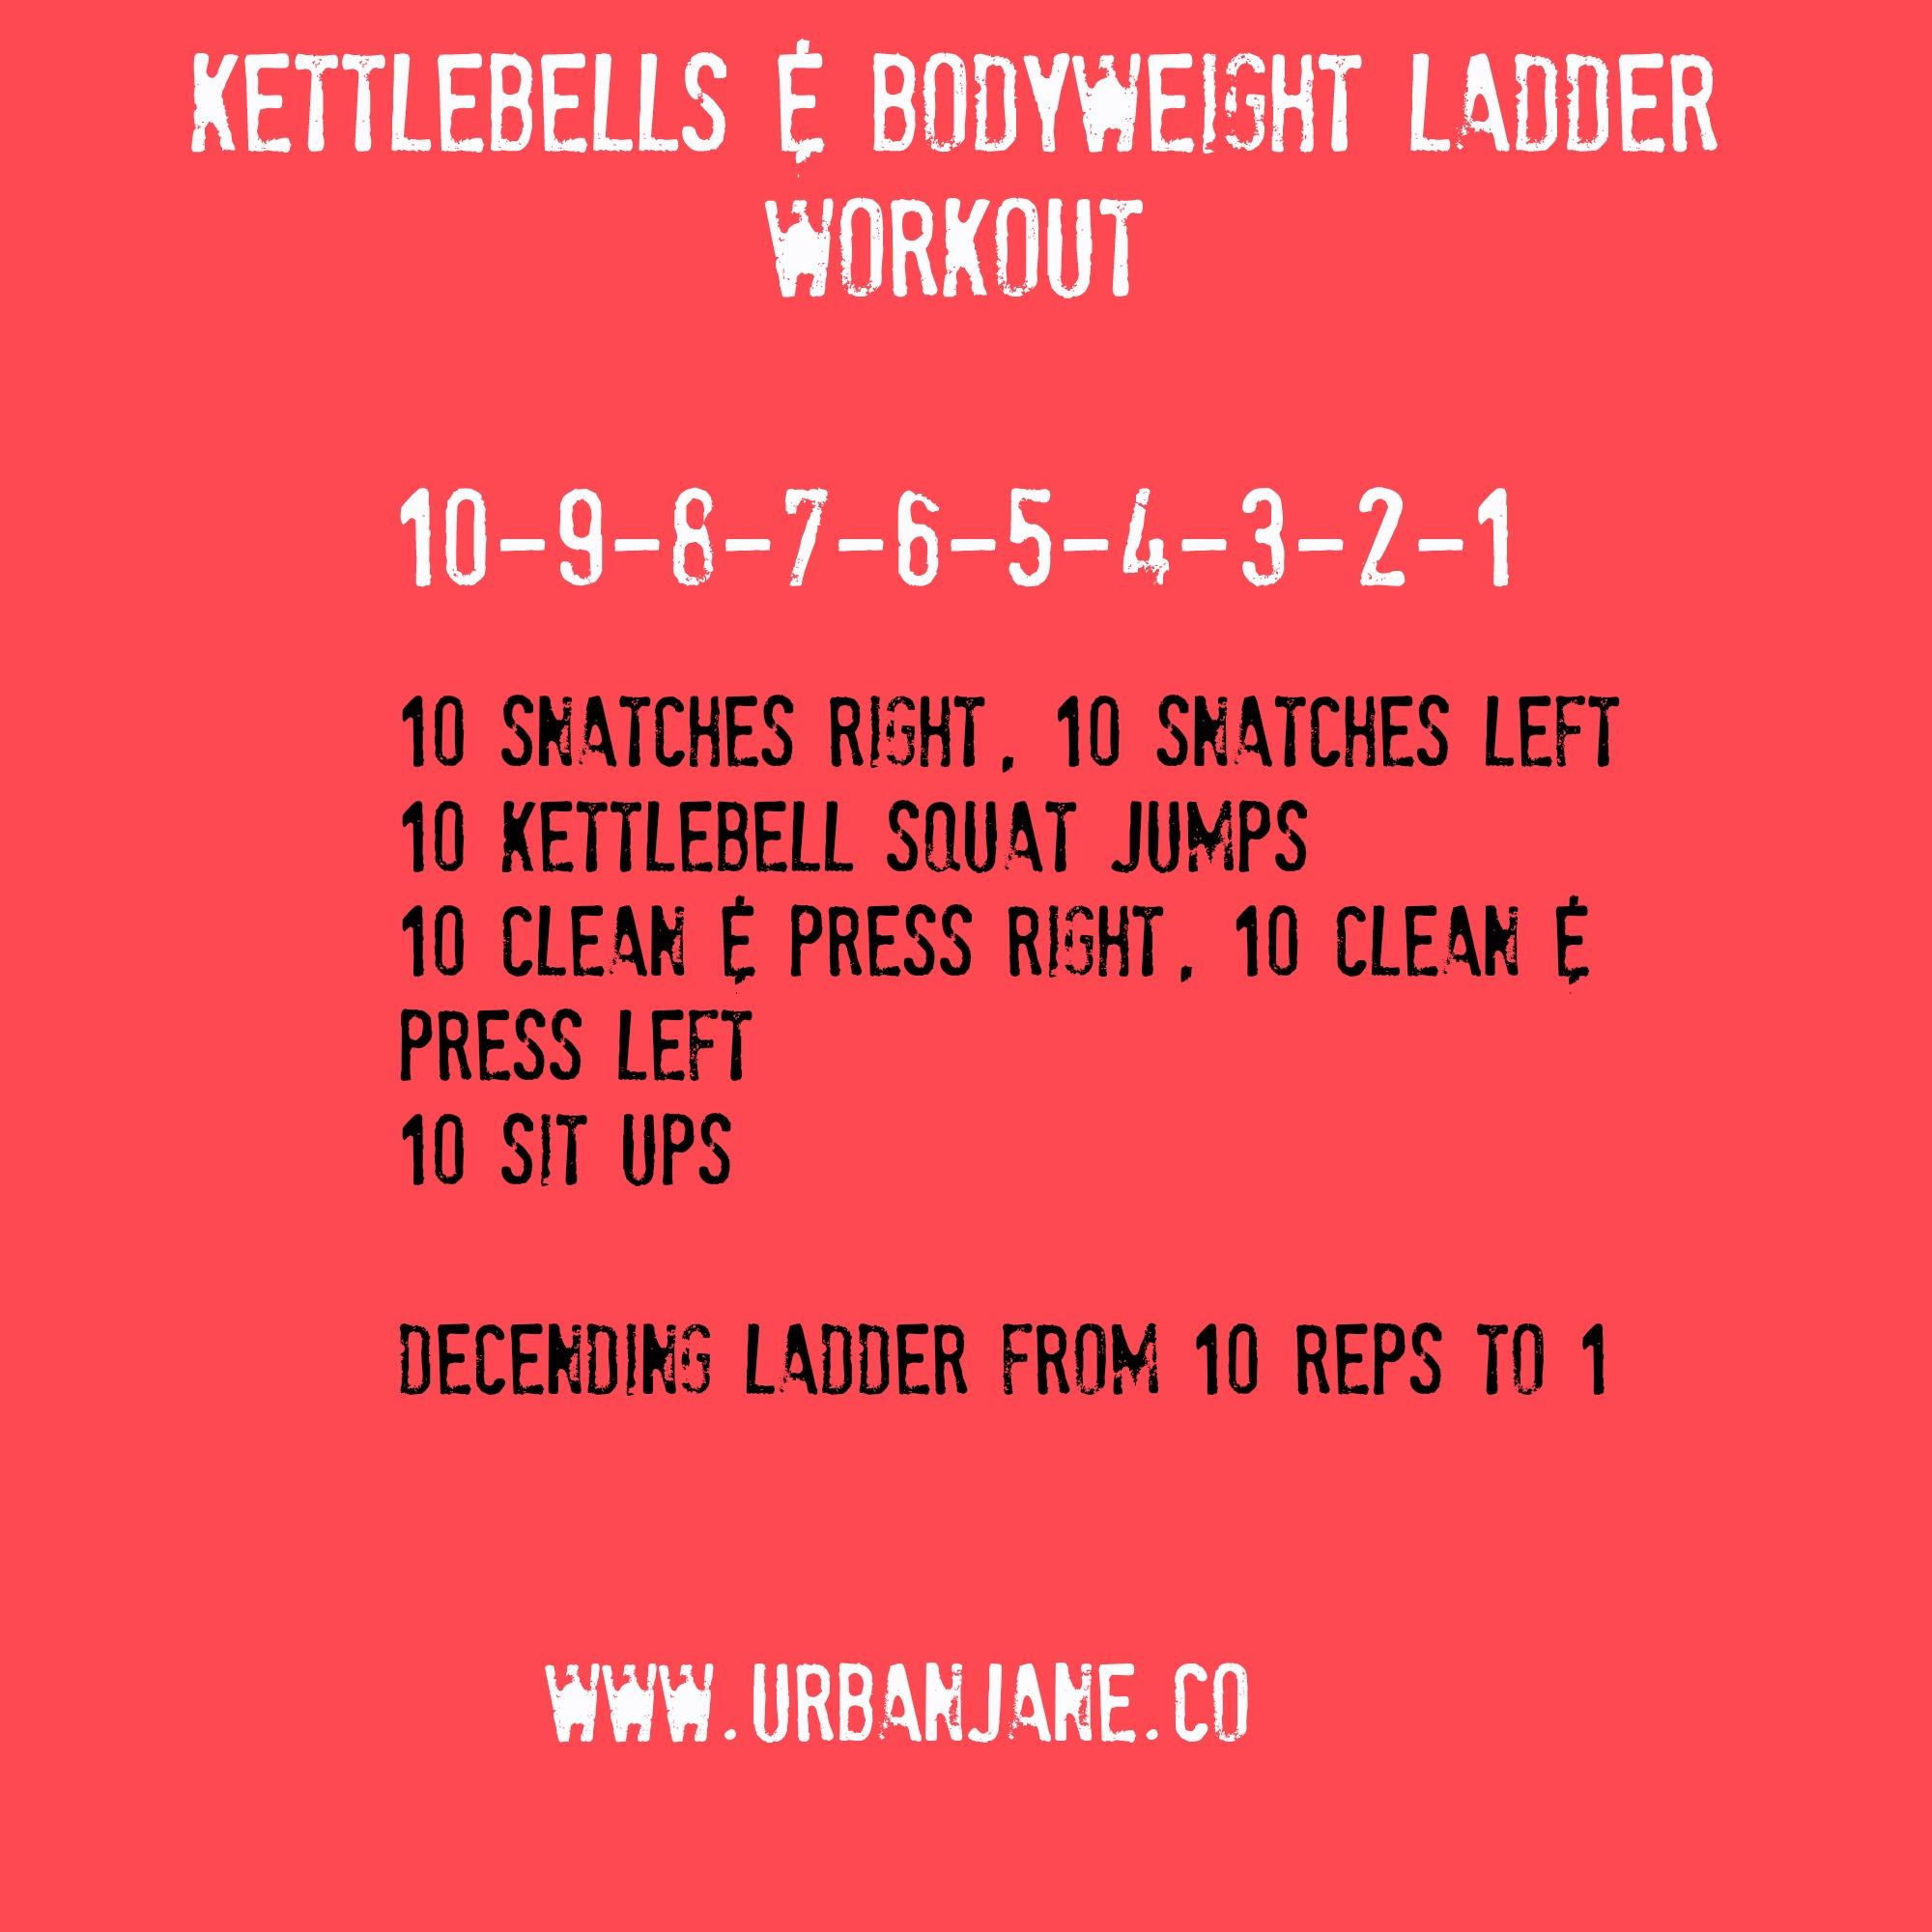 Kettlebell Workout Dvds Kettlebell Fitness Training Dvd: Kettlebell & Bodyweight Ladder Workout